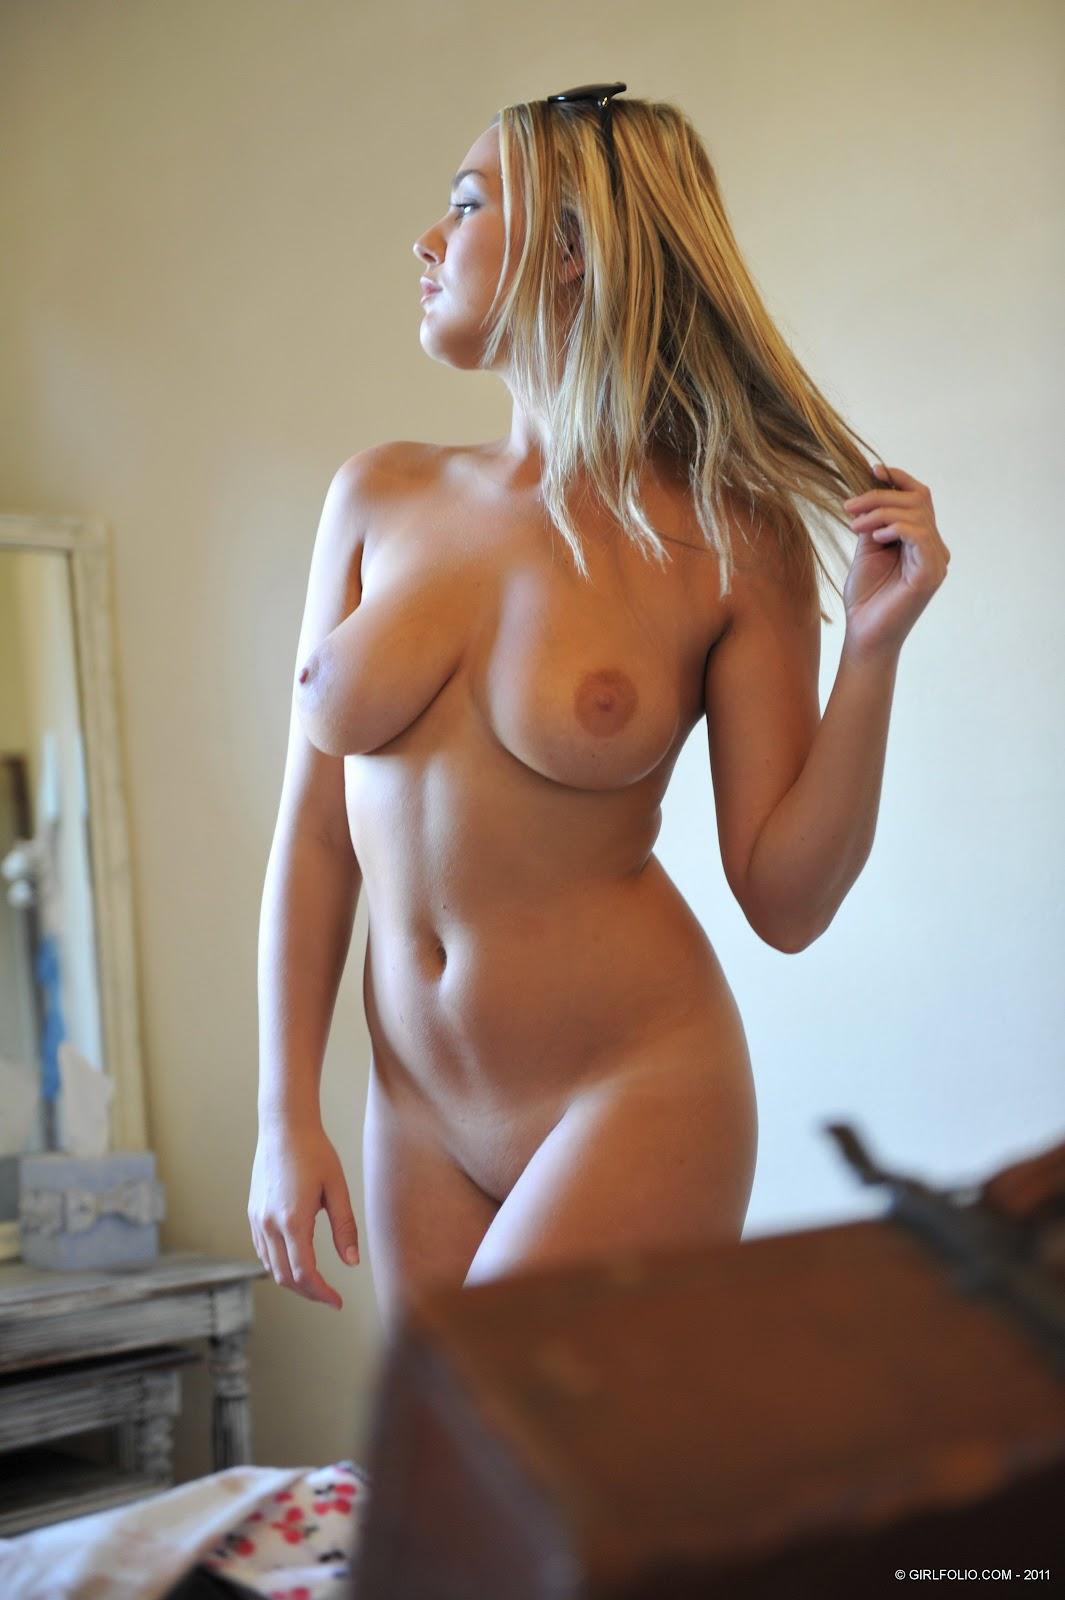 Hot Fully Naked Girls